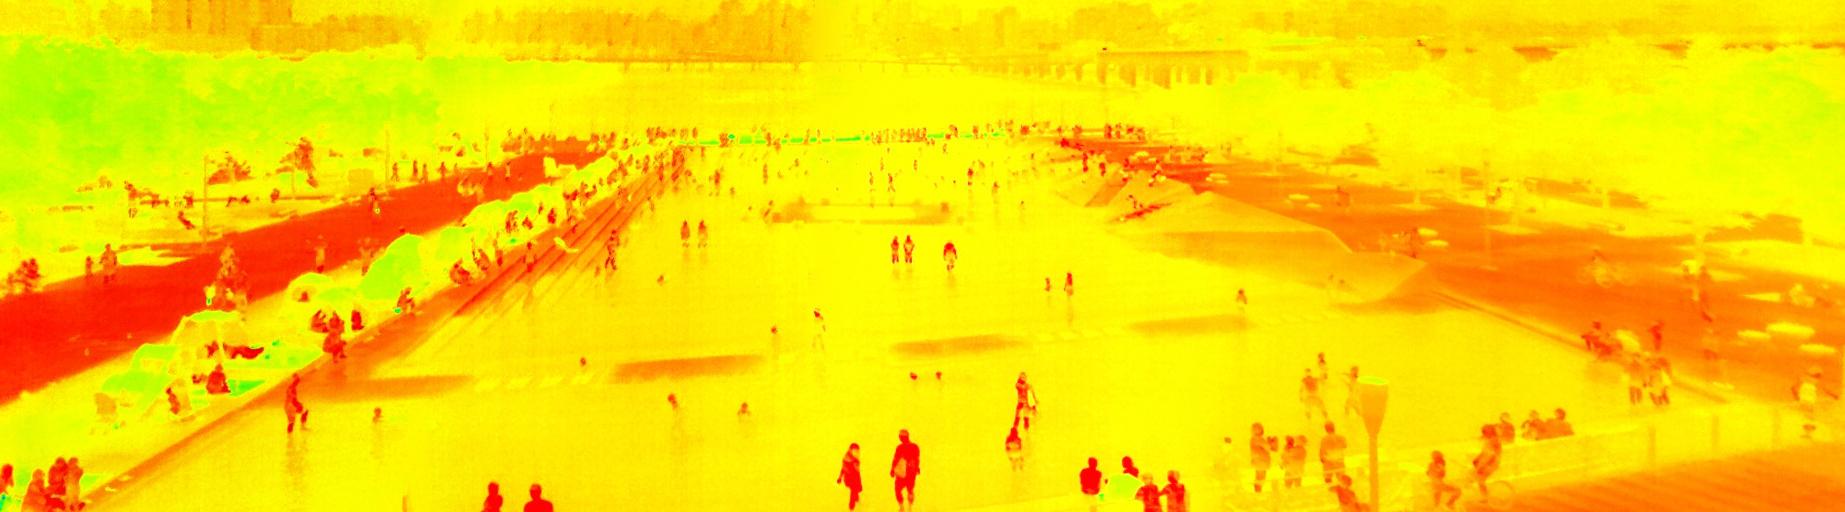 28일 오후 6시30분 쯤 서울 여의도 물빛공원을 열화상 카메라로 촬영했다. 앞에 보이는 공원의 물과 뒤로 보이는 한강물 모두 노란색(29.1)을 나타내고 있다. 빨간색은 34도 이상. 김경록 기자